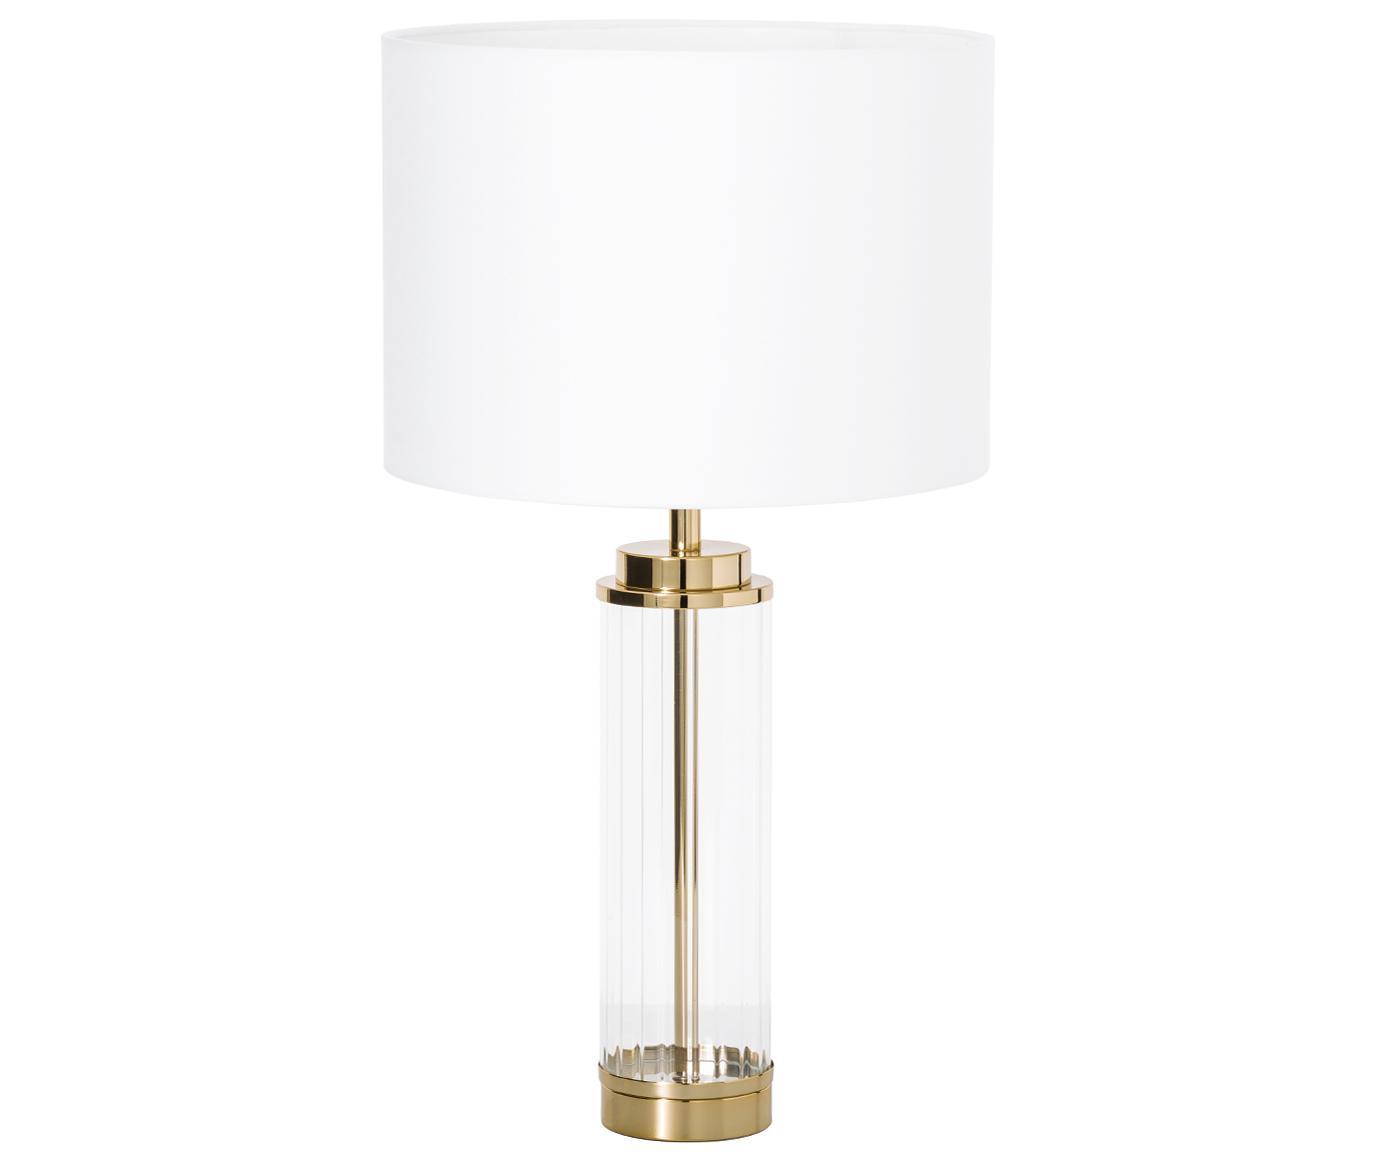 Glam-Tischleuchte Gabor mit Glasfuß, Lampenschirm: Textil, Lampenfuß: Metall, Glas, Lampenschirm: Creme.Lampenfuß: Goldfarben, Ø 35 x H 64 cm